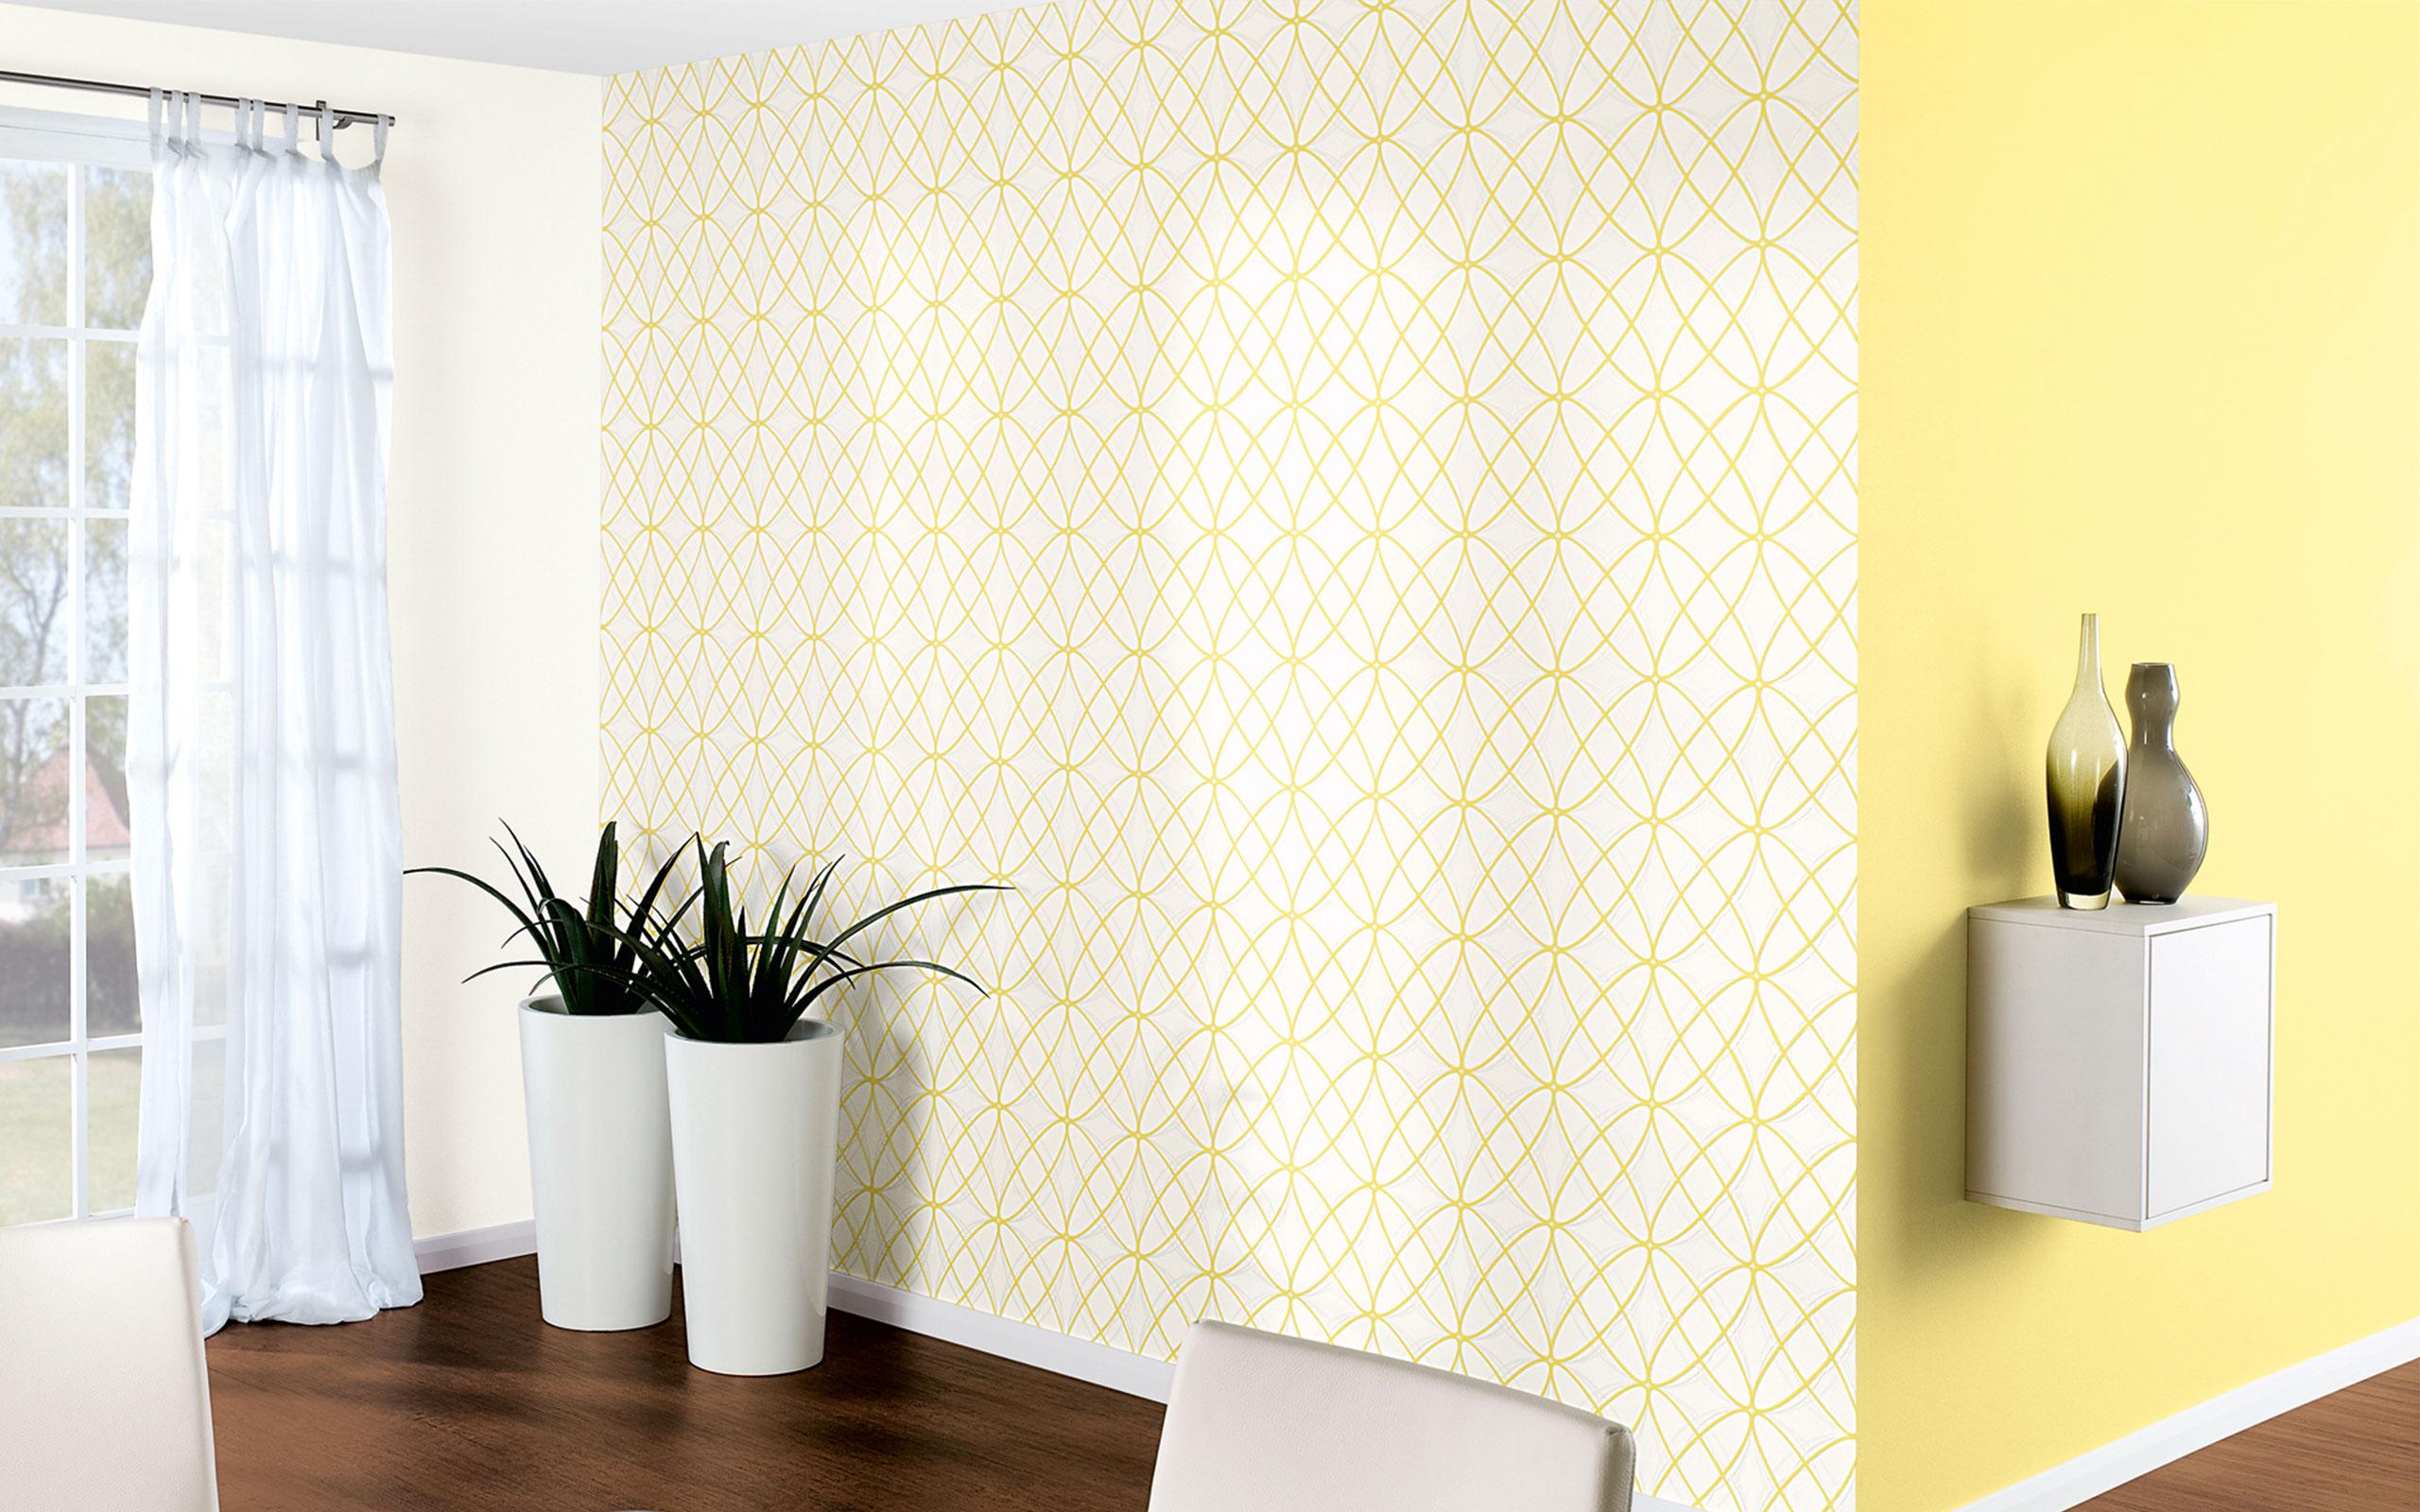 dekorative wandgestaltung malermeister lothar meyer. Black Bedroom Furniture Sets. Home Design Ideas